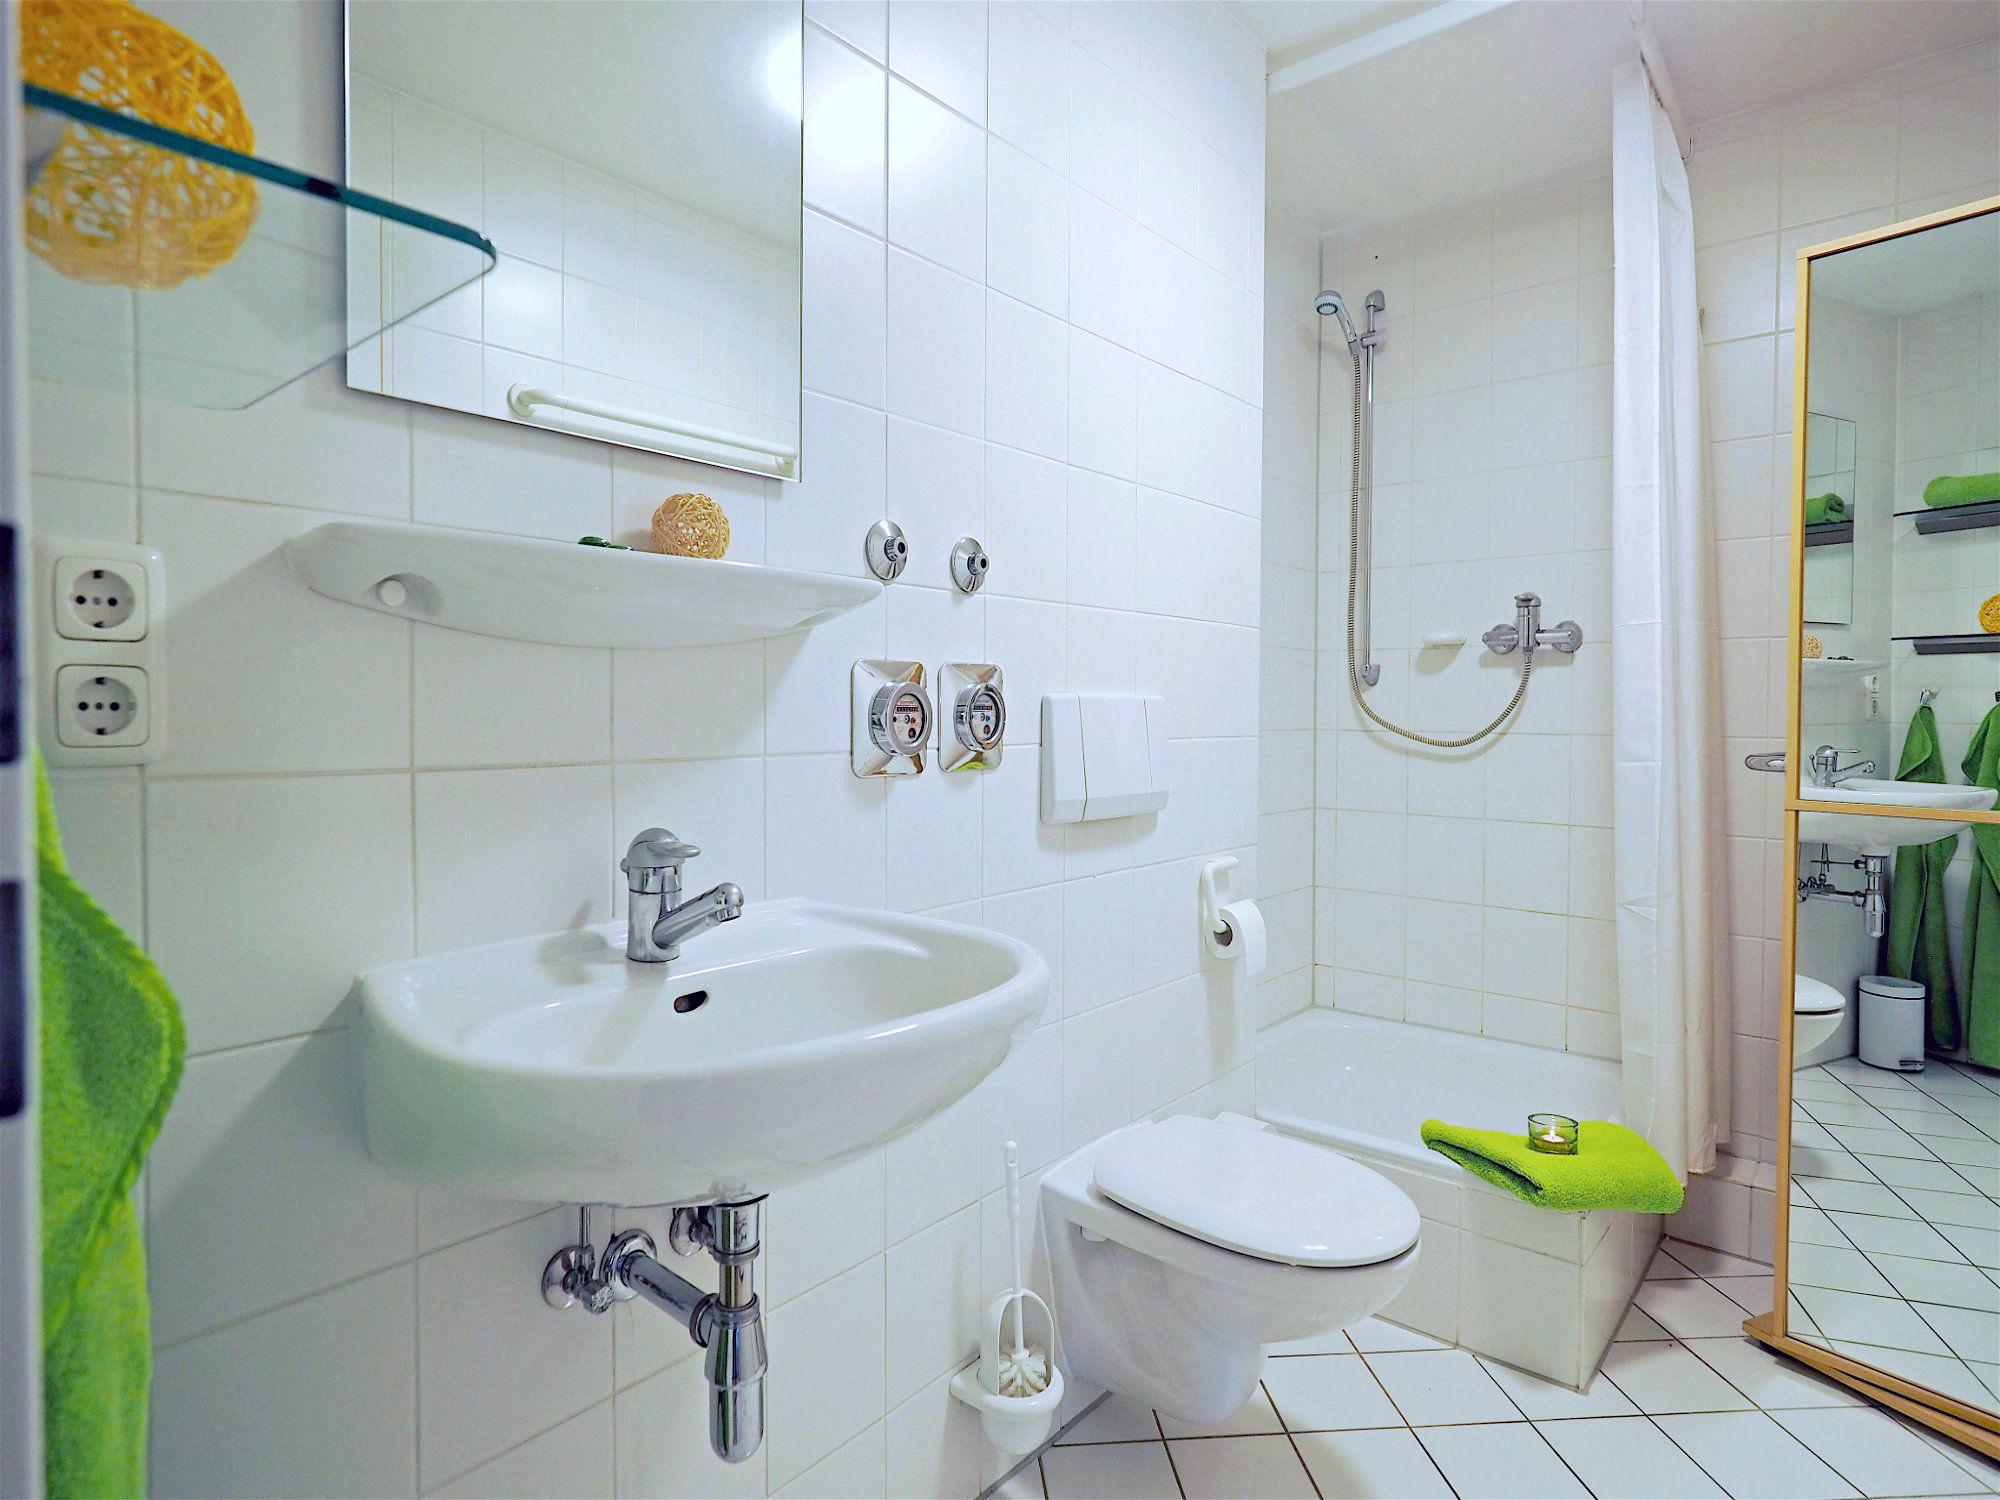 Duschbad mit mit Dusche, links davon ein Waschbecken mit Spiegel, auf der rechten Seite ein Hochschrank mit Spiegelfront